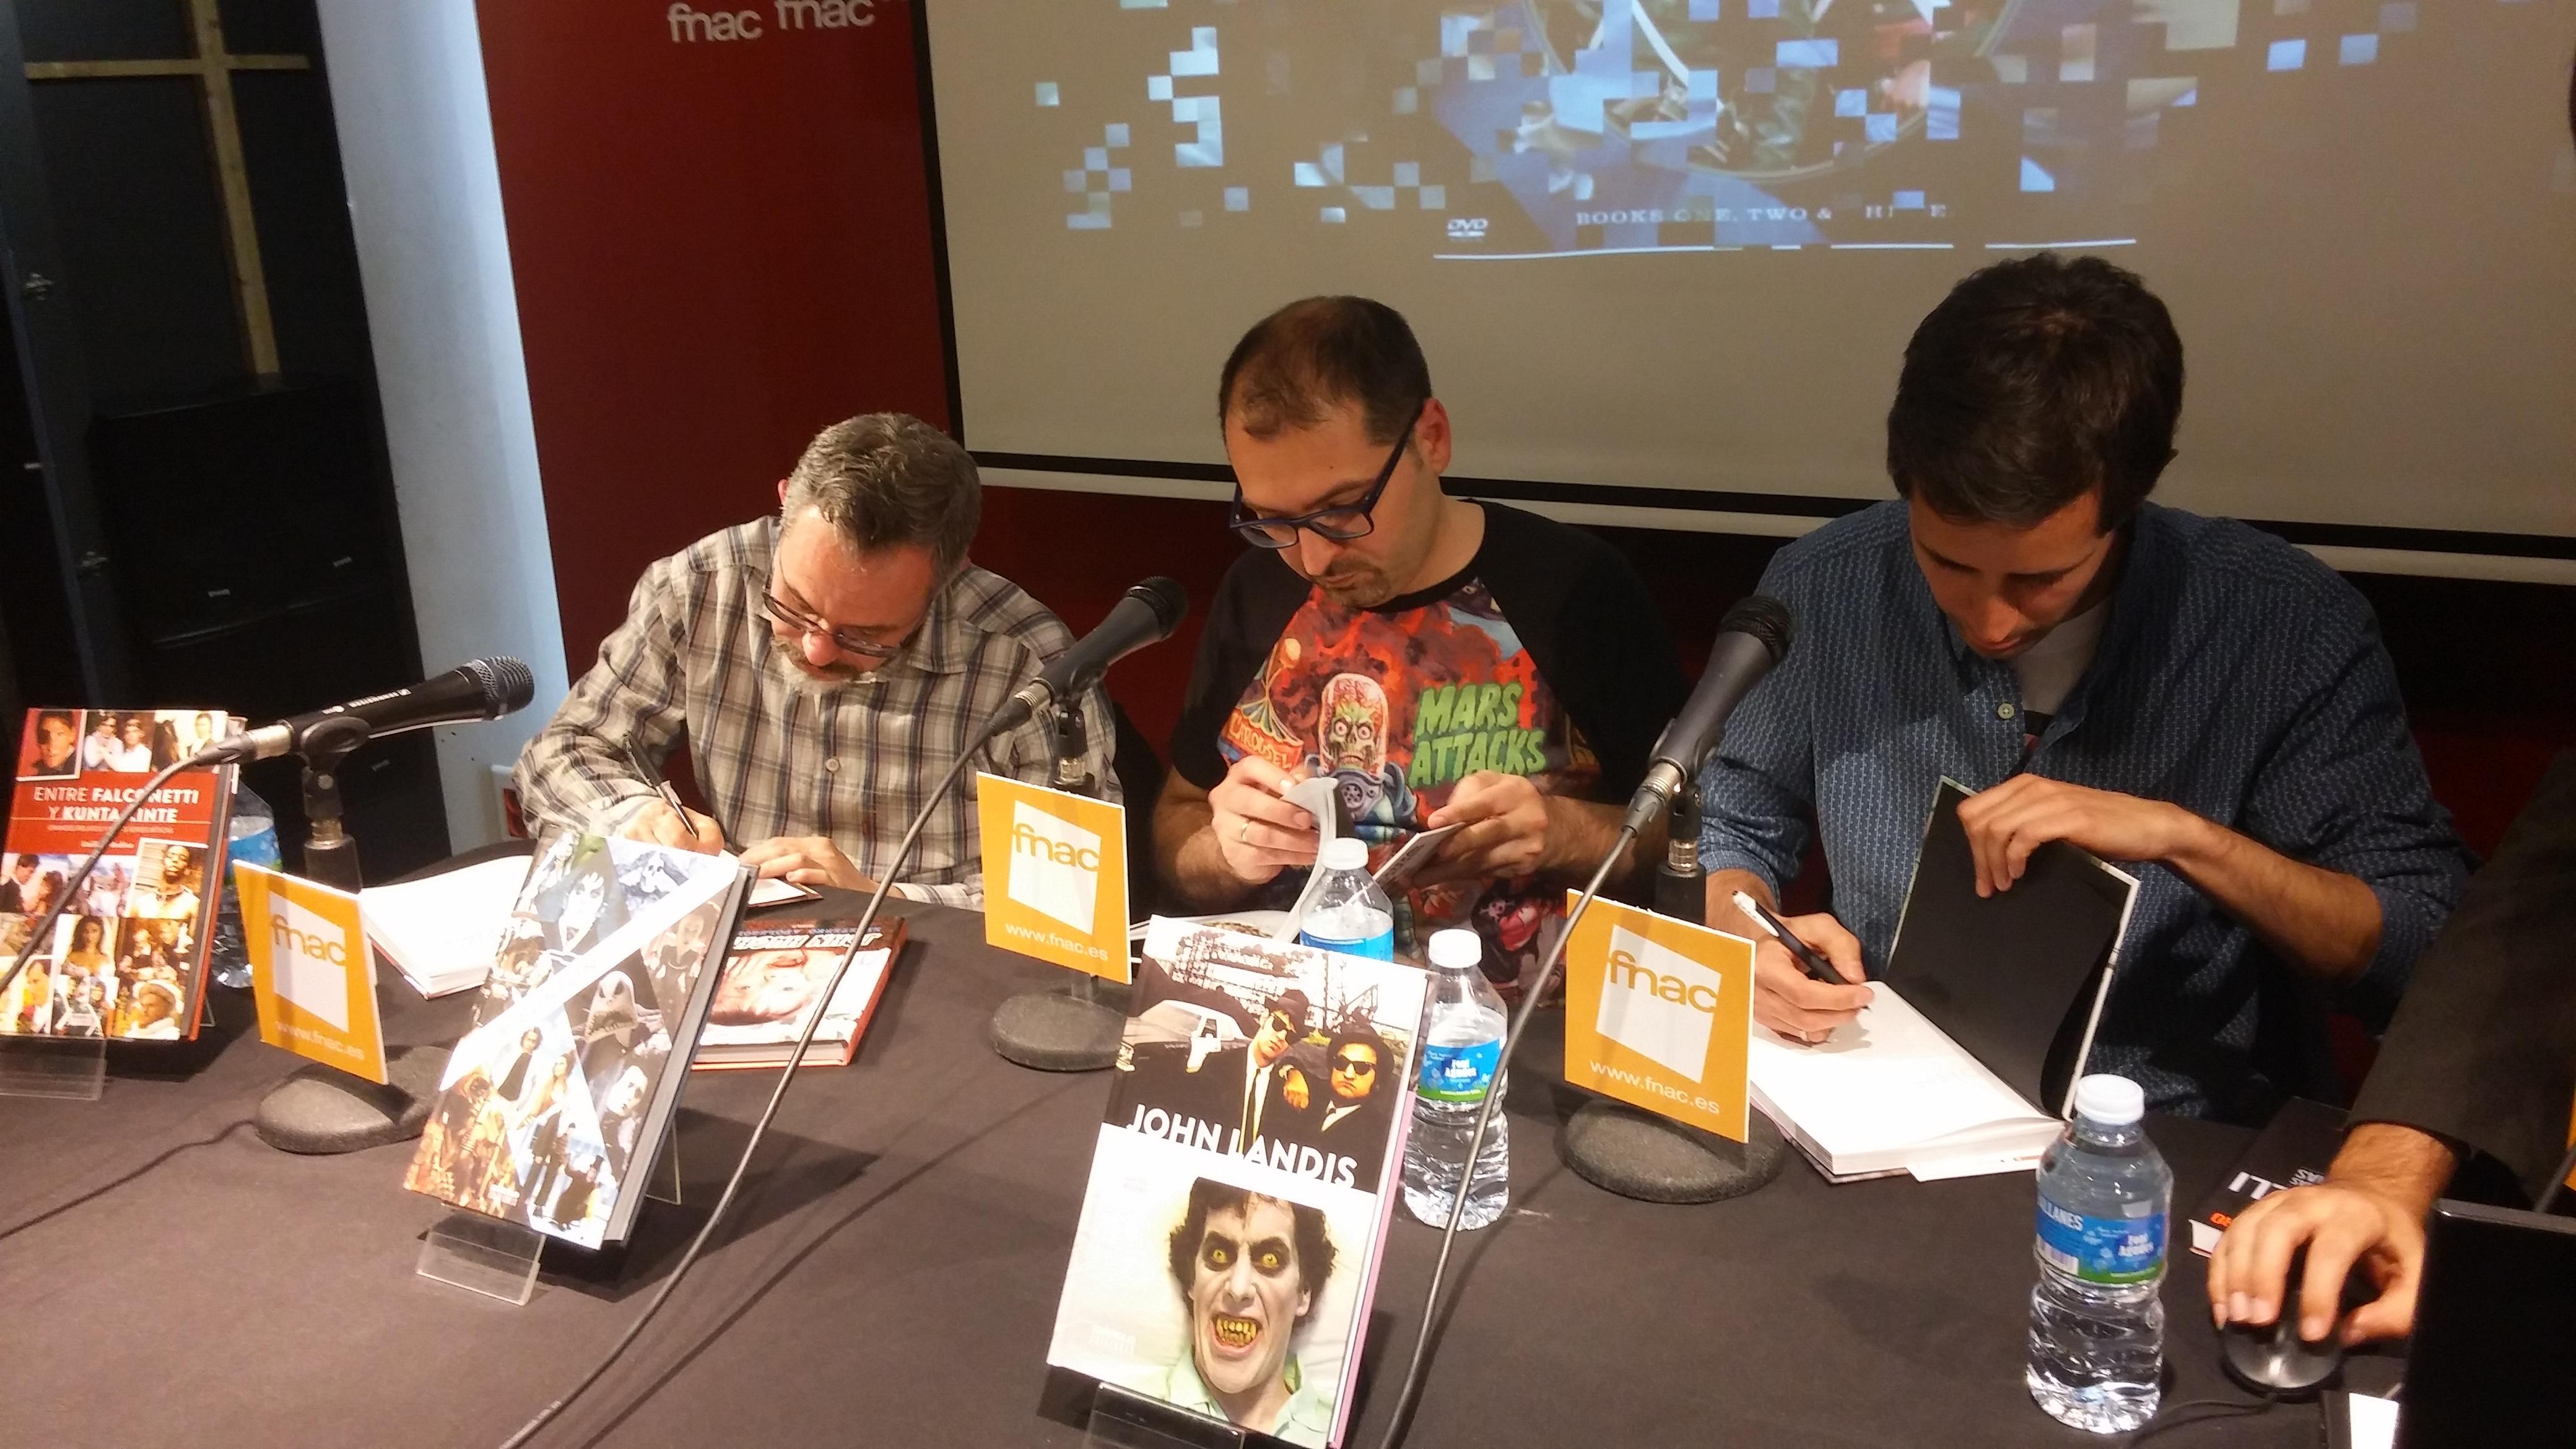 escriptors signant john landis, tim burton i grans relats